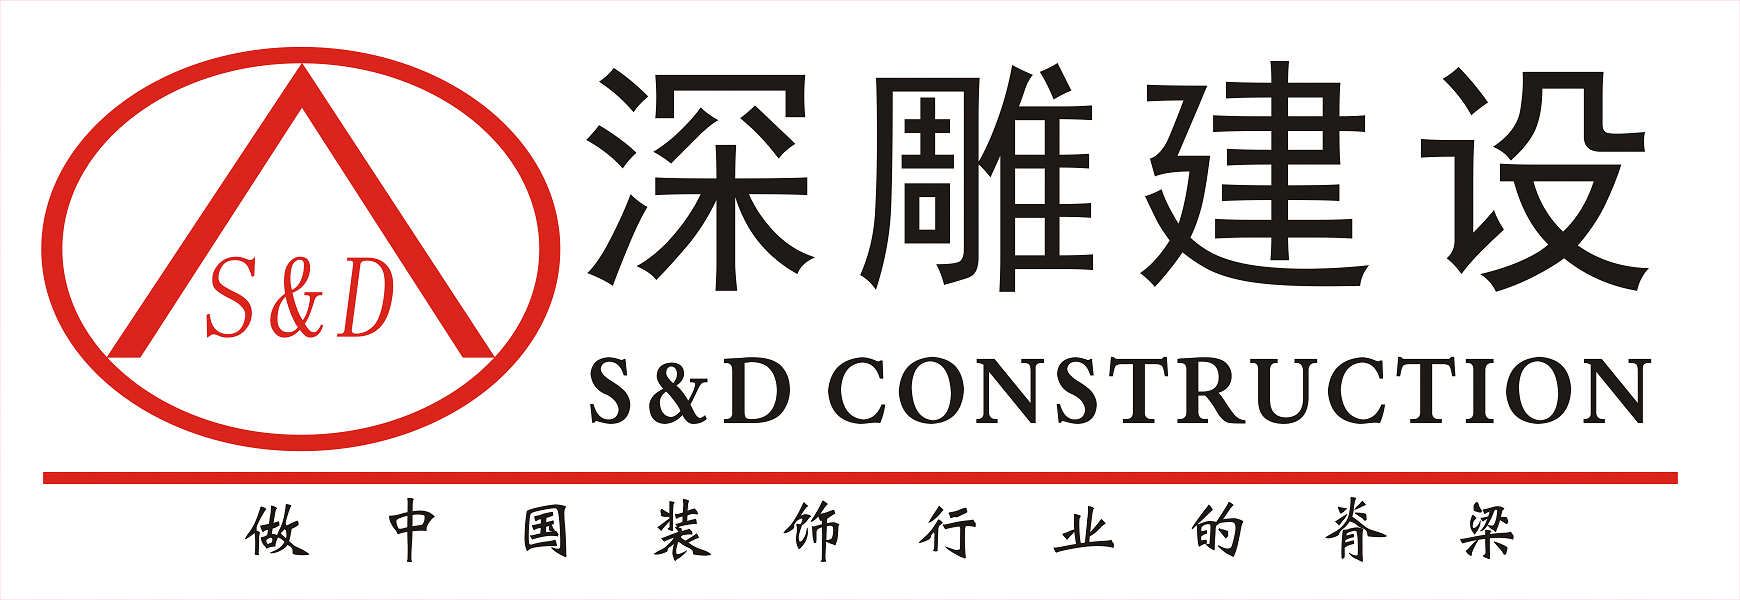 深圳市深雕建设工程有限公司